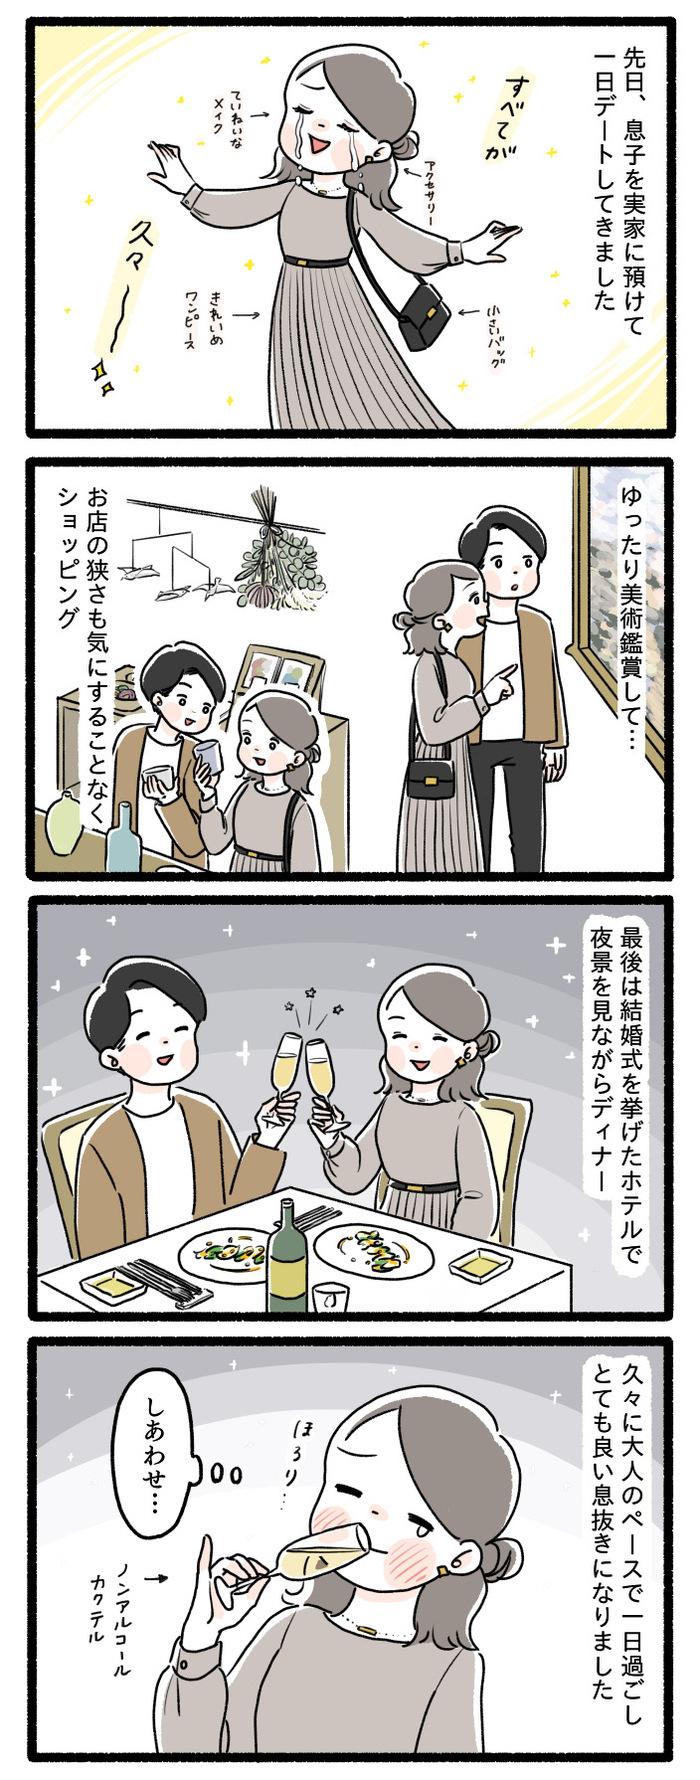 """もう""""怒らない""""と決めた日、義姉の口出しにモヤモヤ…今週のおすすめ記事!の画像6"""